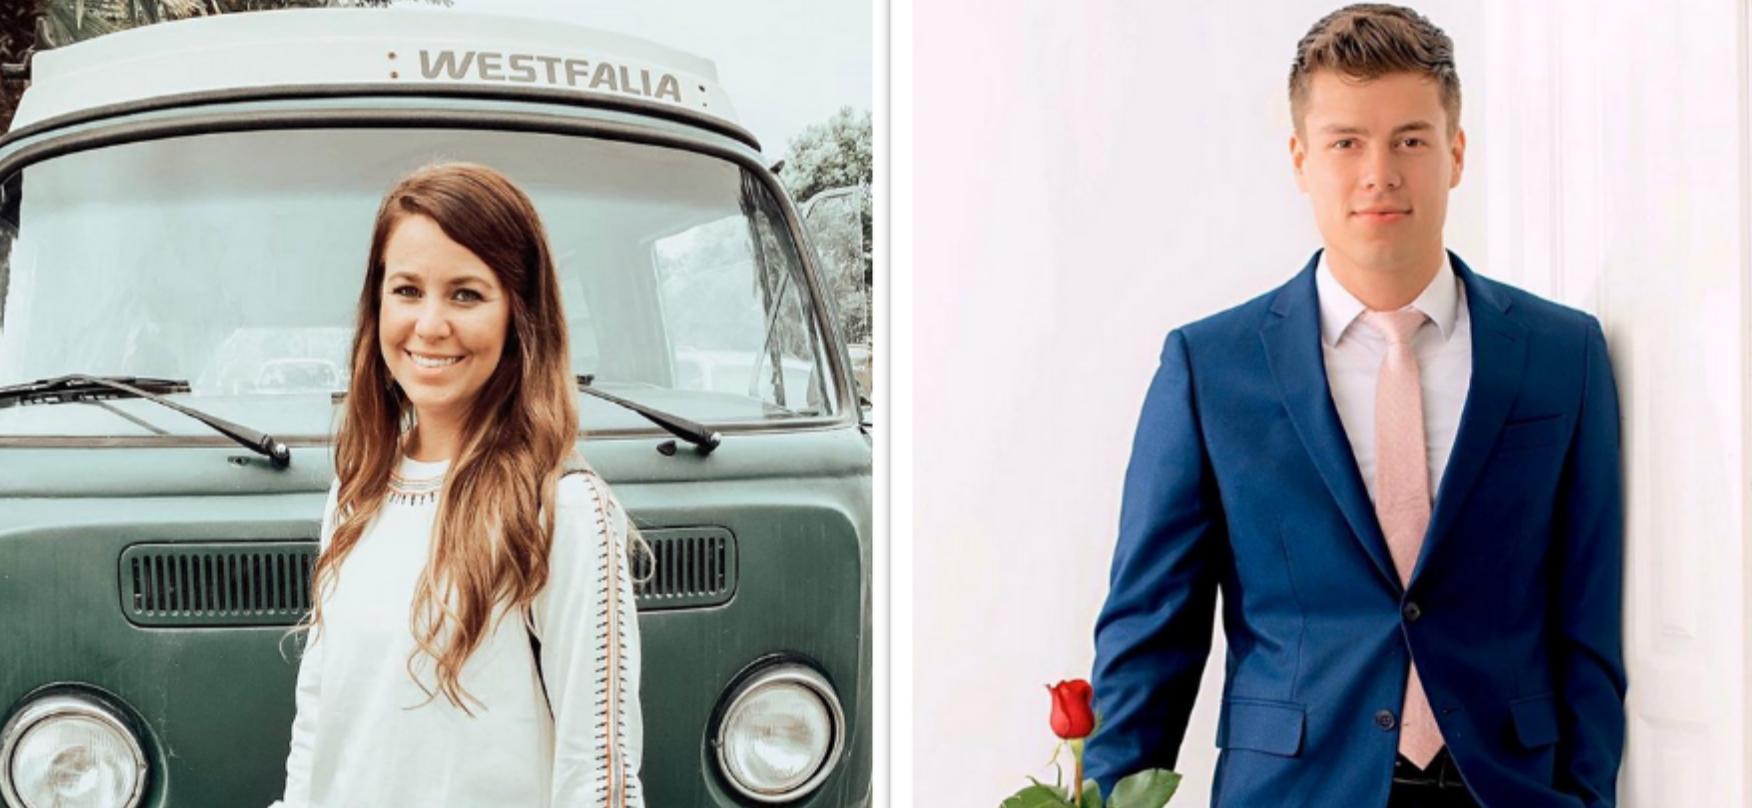 Jana Duggar and Lawson Bates Instagram